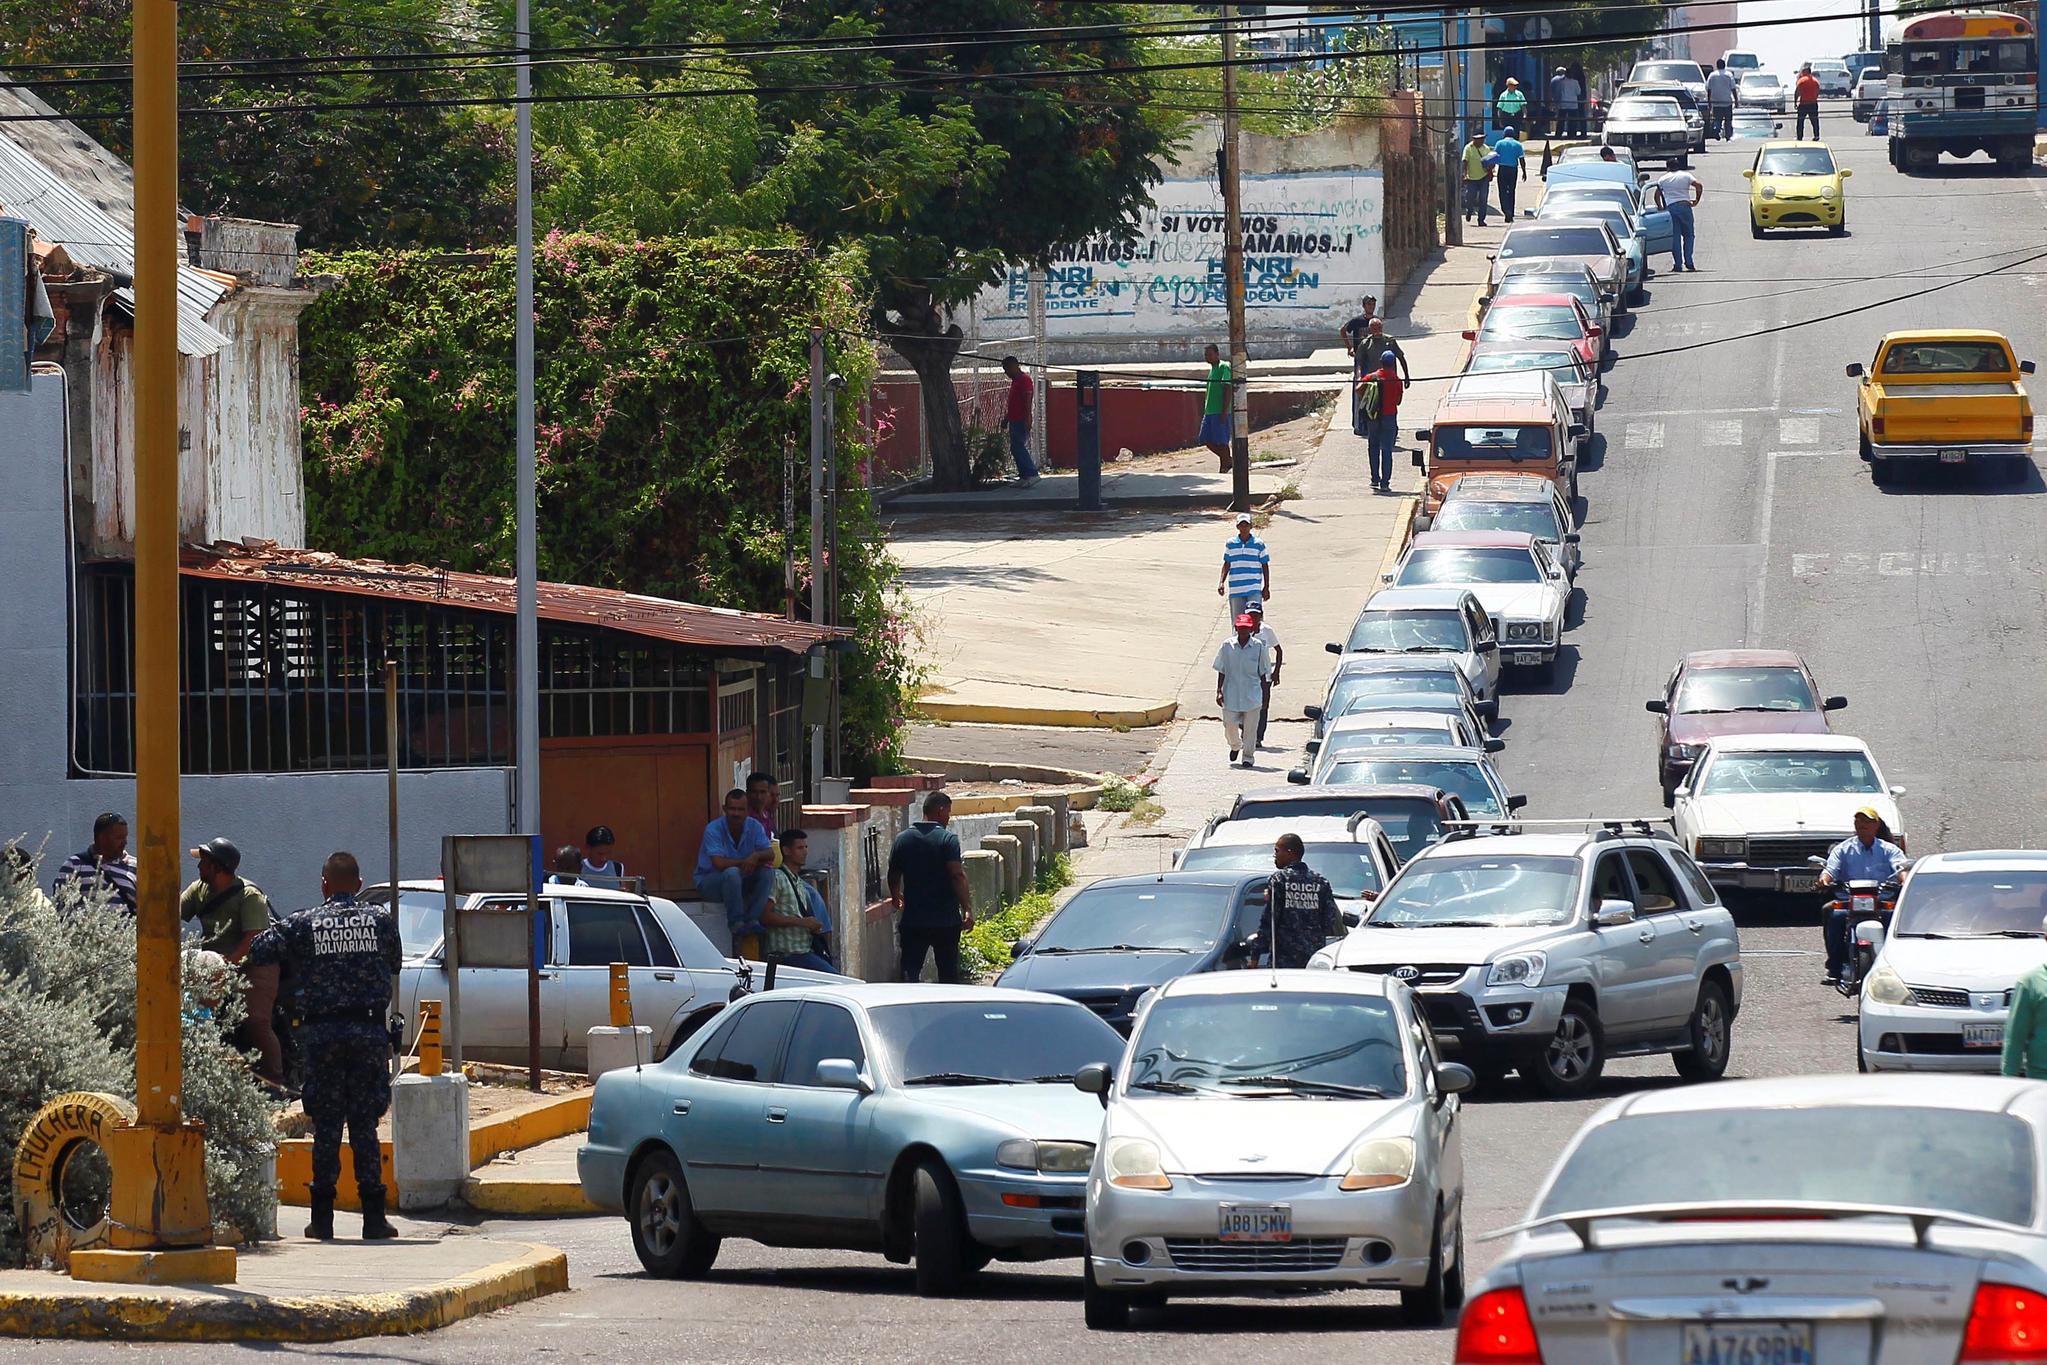 세계 최대 석유 매장량을 보유한 베네수엘라에서 급유대란이 발생했다. 17일(현지시간) 베네수엘라의 마라 카이보에 있는 PDVSA 주유소에서 기름을 넣기 위한 차량 행렬이 길게 줄지어 서 있다. [로이터=연합뉴스]